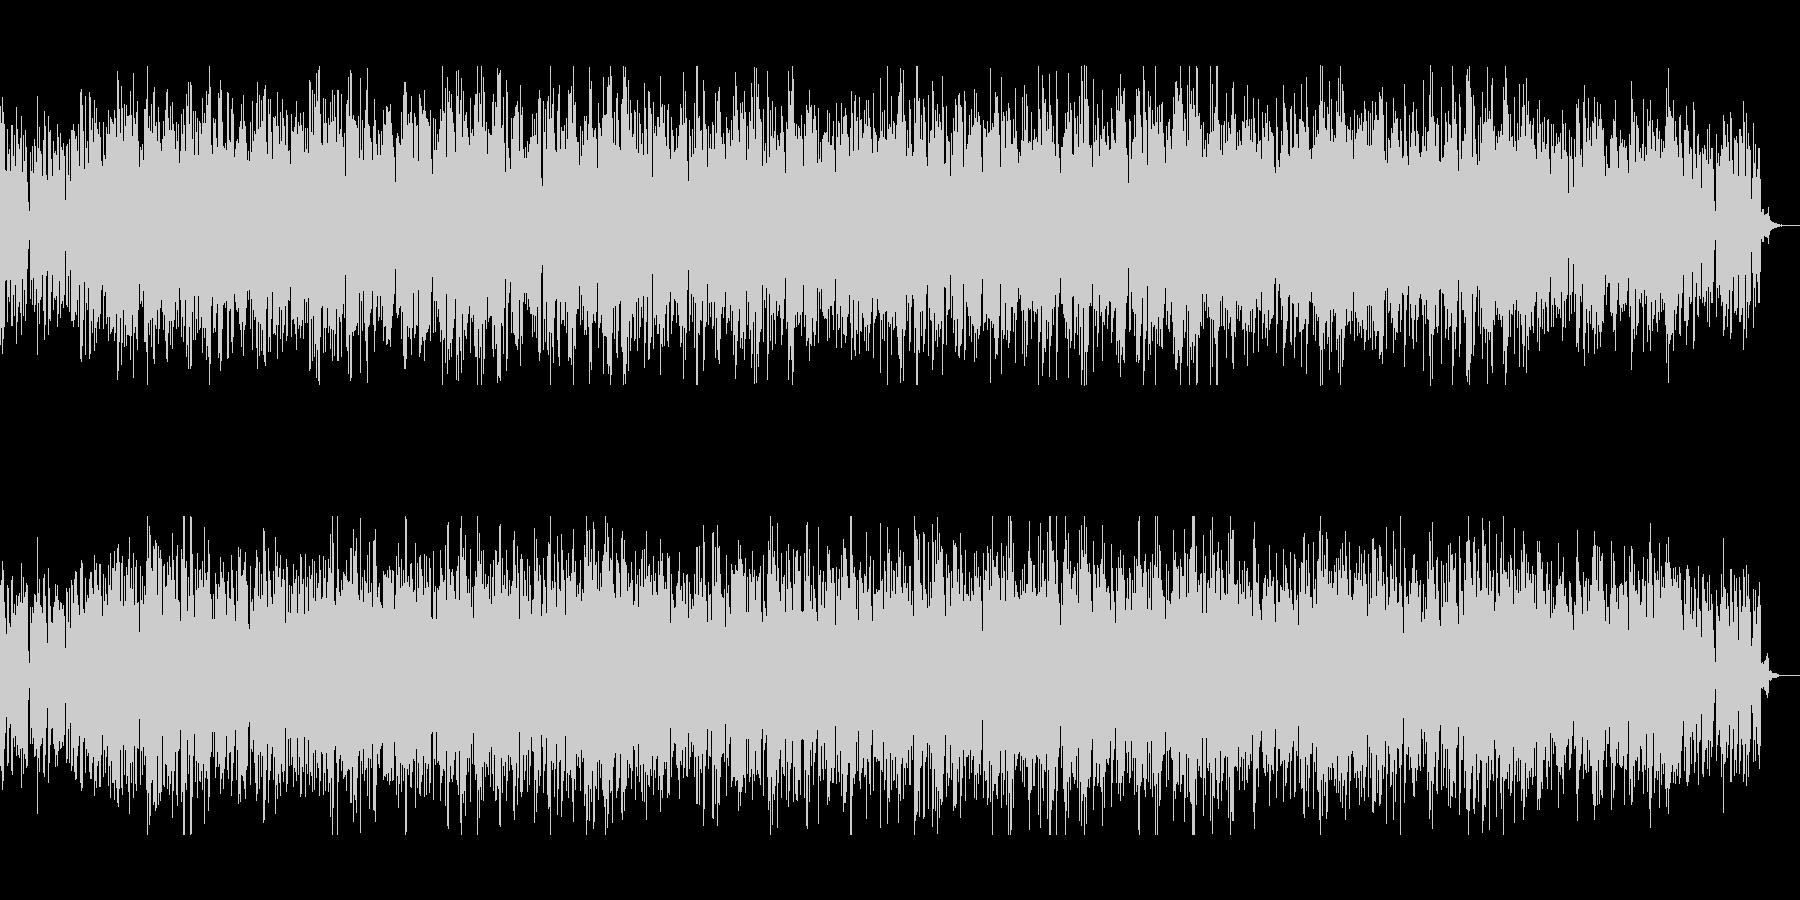 アナログシンセの70sテクノの未再生の波形